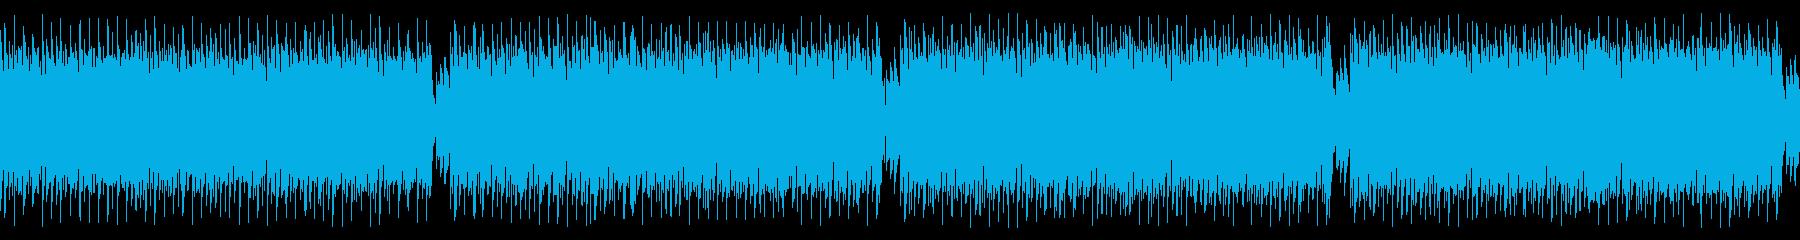 ループ仕様・キャッチーなギターロックの再生済みの波形